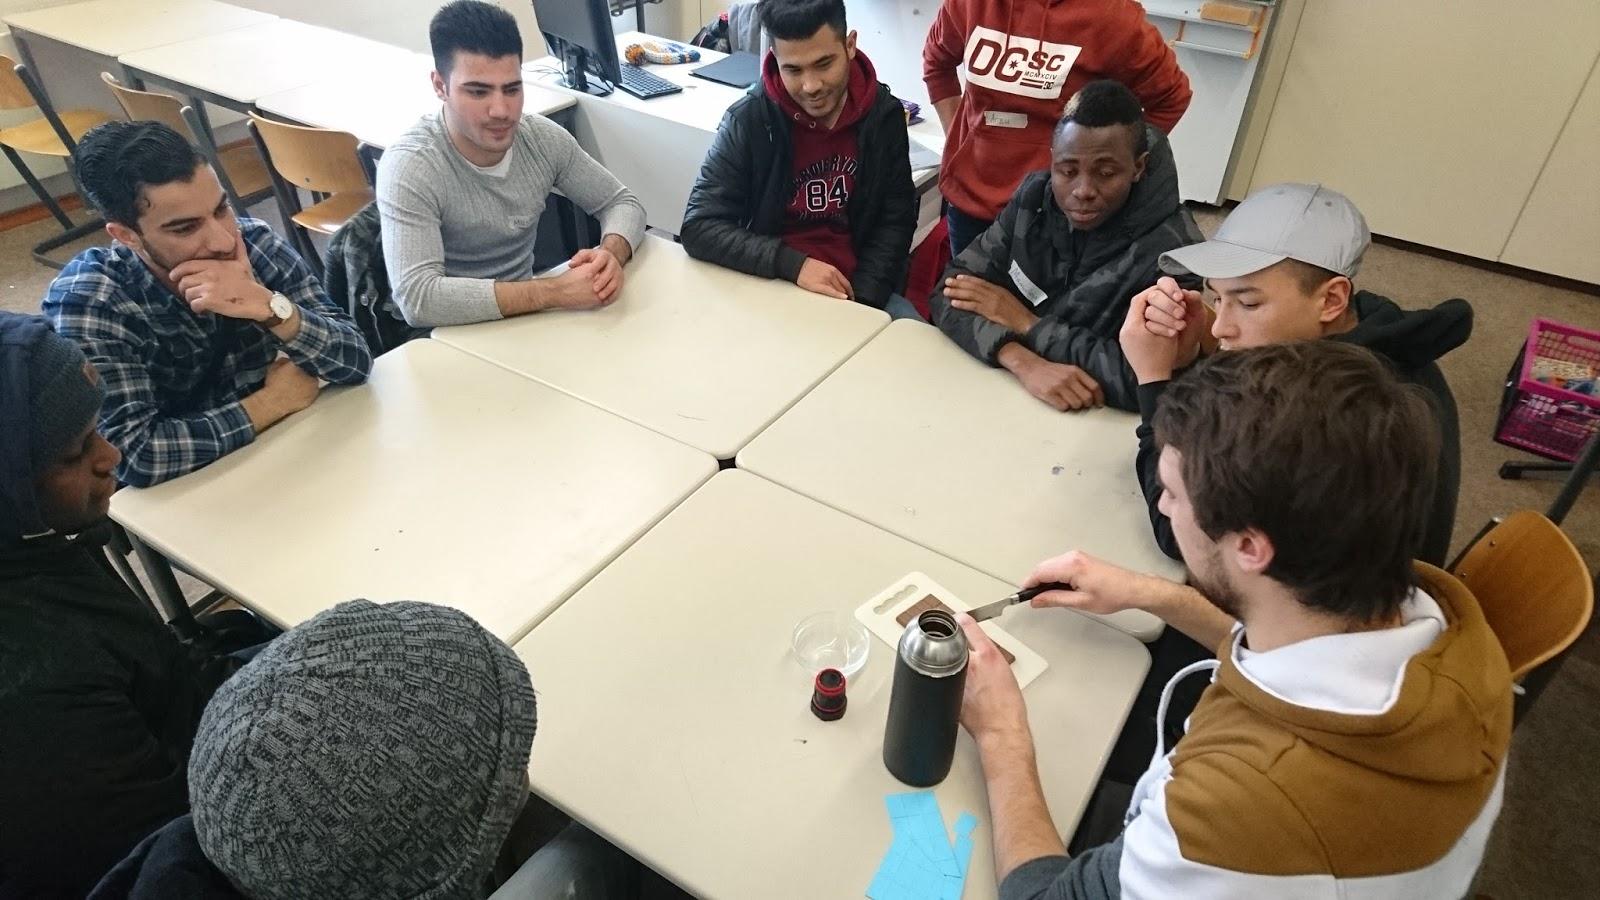 mathematik studierende unterrichten fl chtlinge von rechteckfl chen dreiecken und schokolade. Black Bedroom Furniture Sets. Home Design Ideas